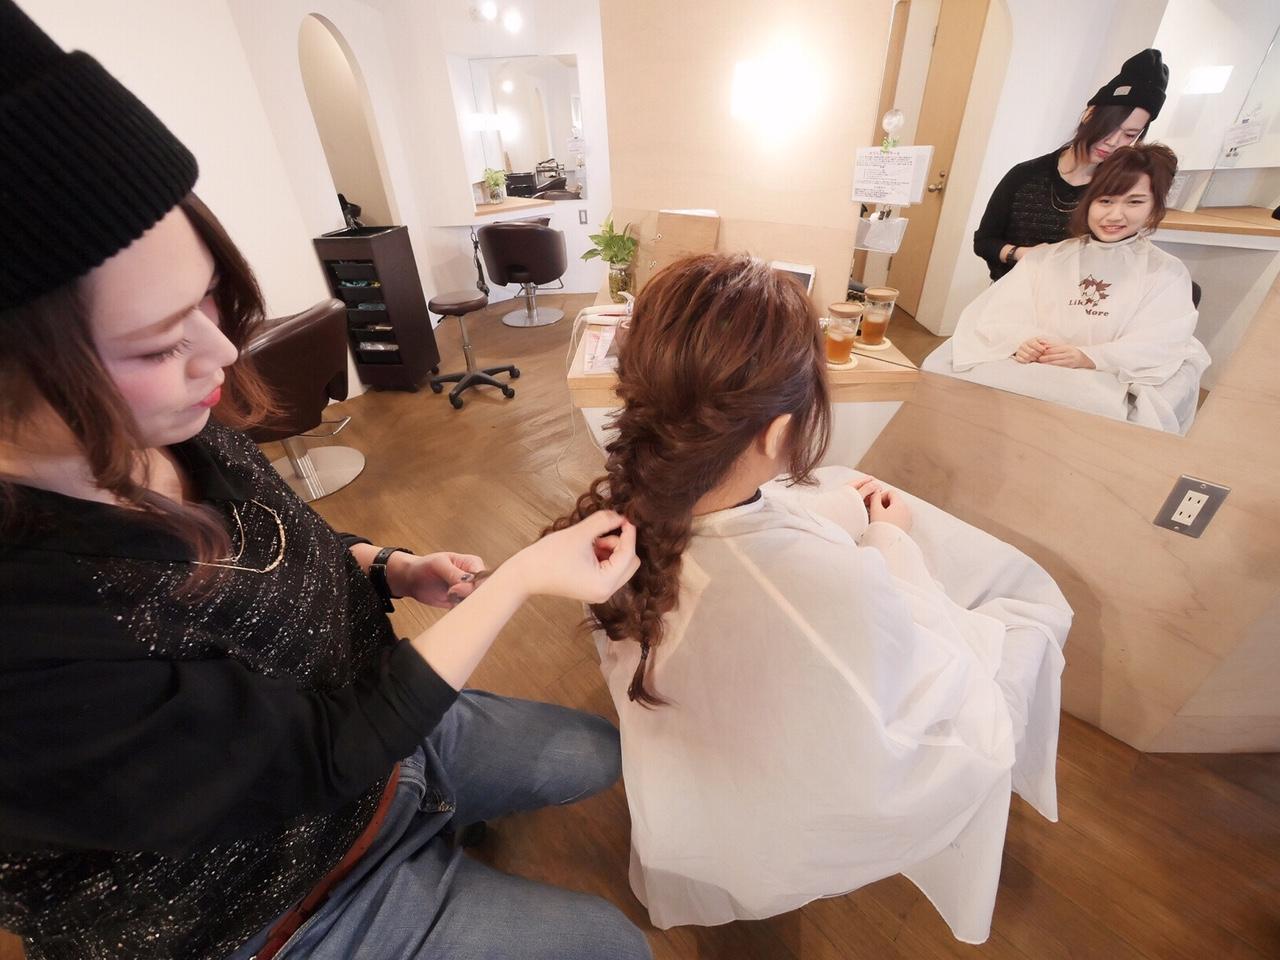 【2019年度版】【求人】赤羽の美容室Hair&SpaRicoByLikkleMore【ヘアアンドスパリコリコモ】 中途スタッフ募集(スタイリスト募集)のお知らせ